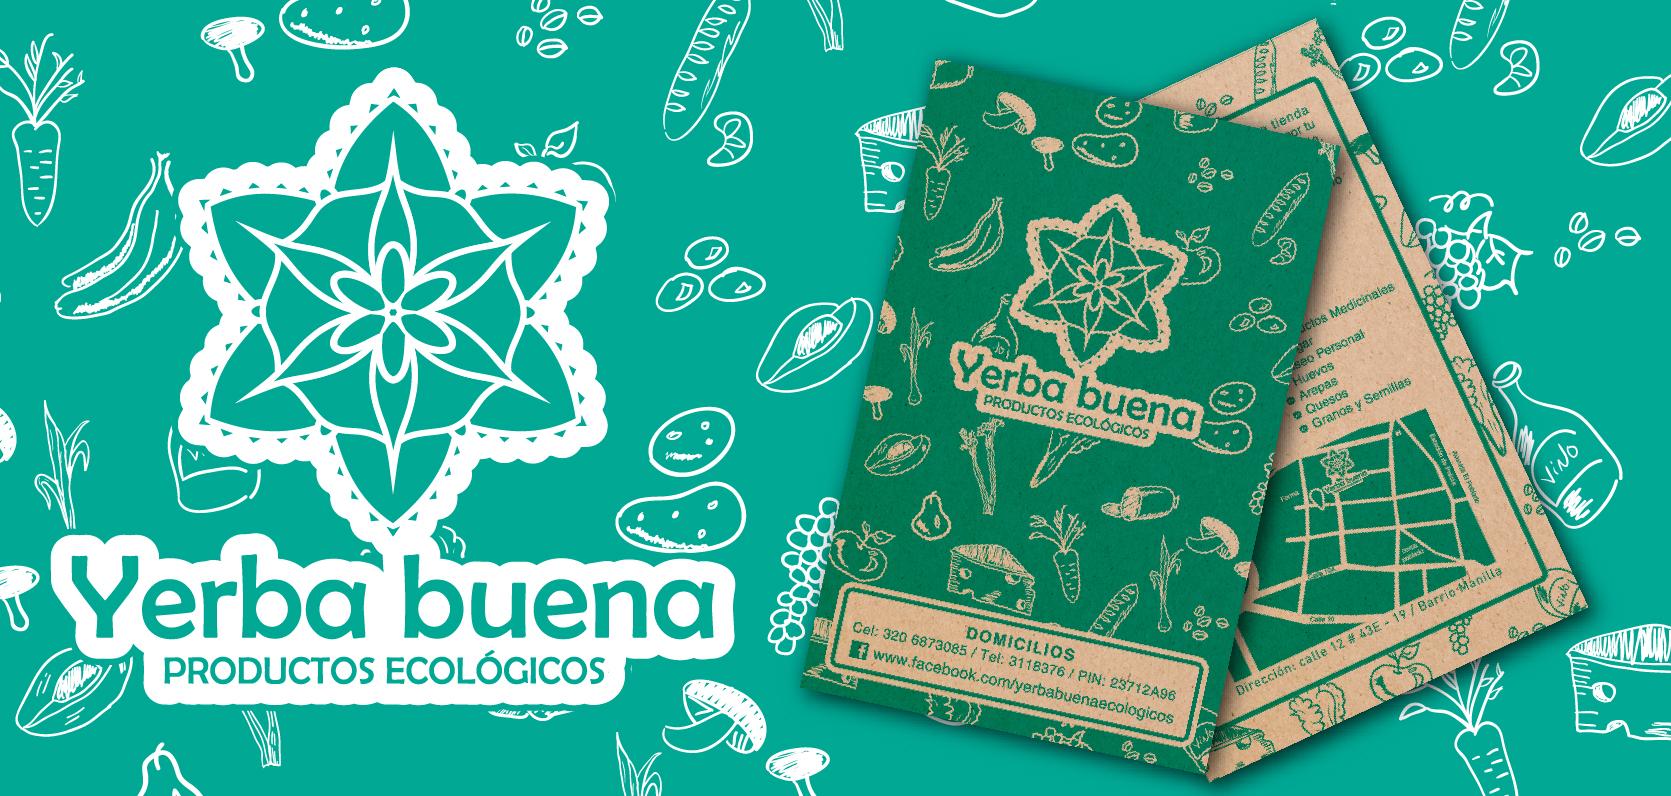 Yerbabuena Branding